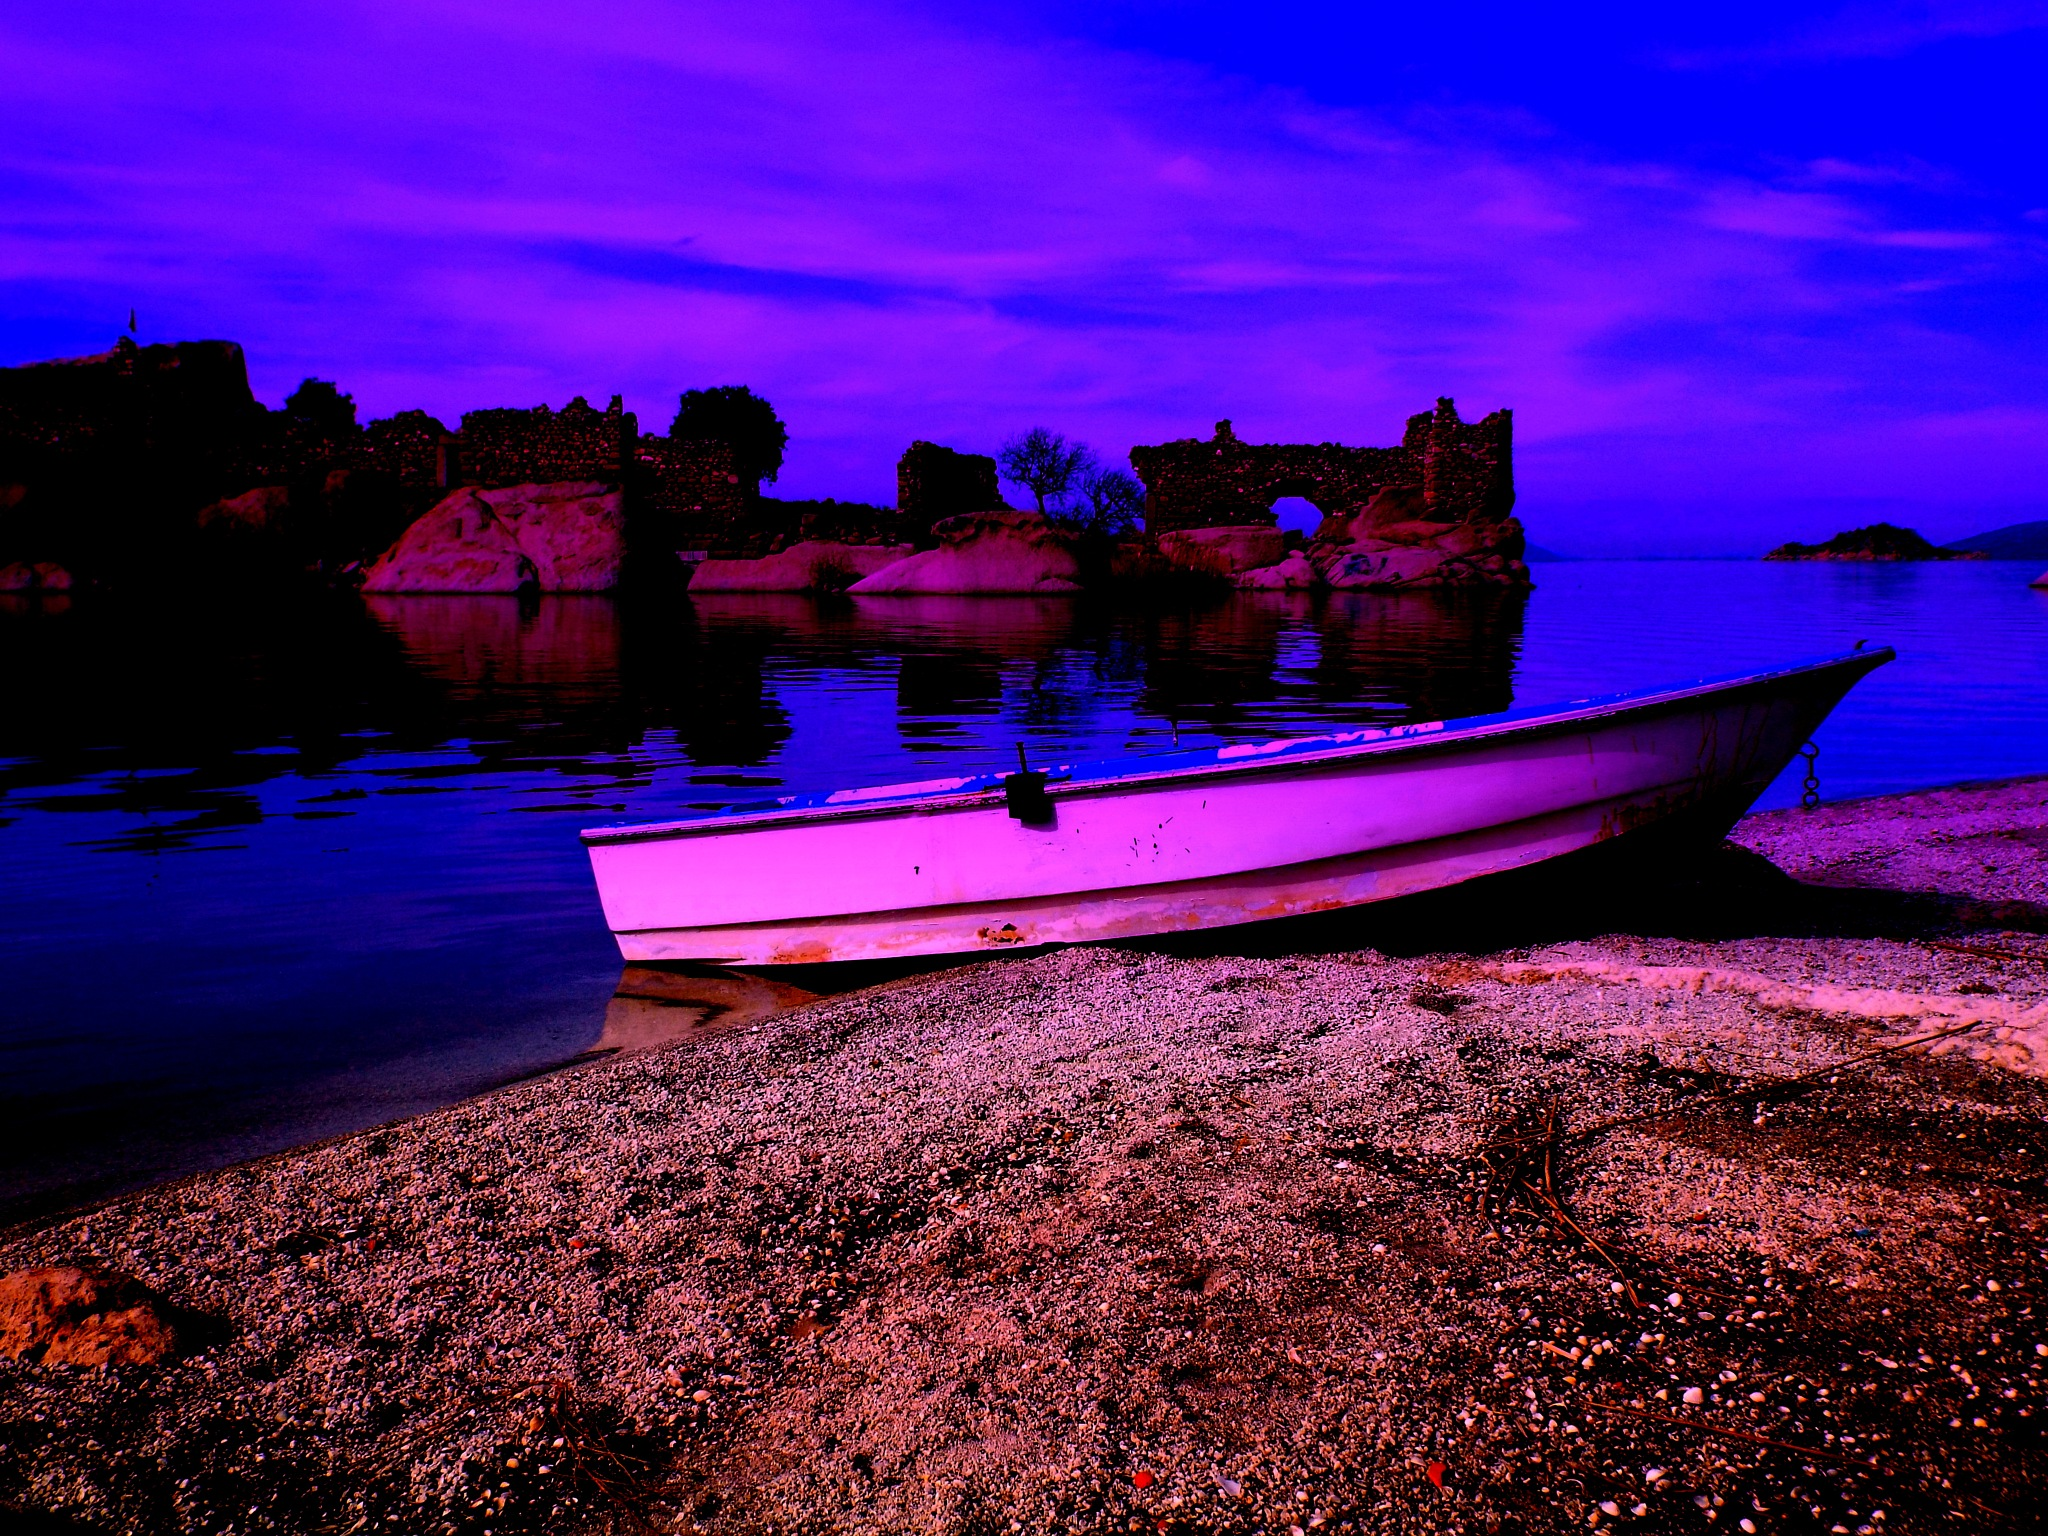 BAFA LAKE, JUST AFTER THE SUNSET, KAPIKIRI, HERAKLEIA by Akin Saner